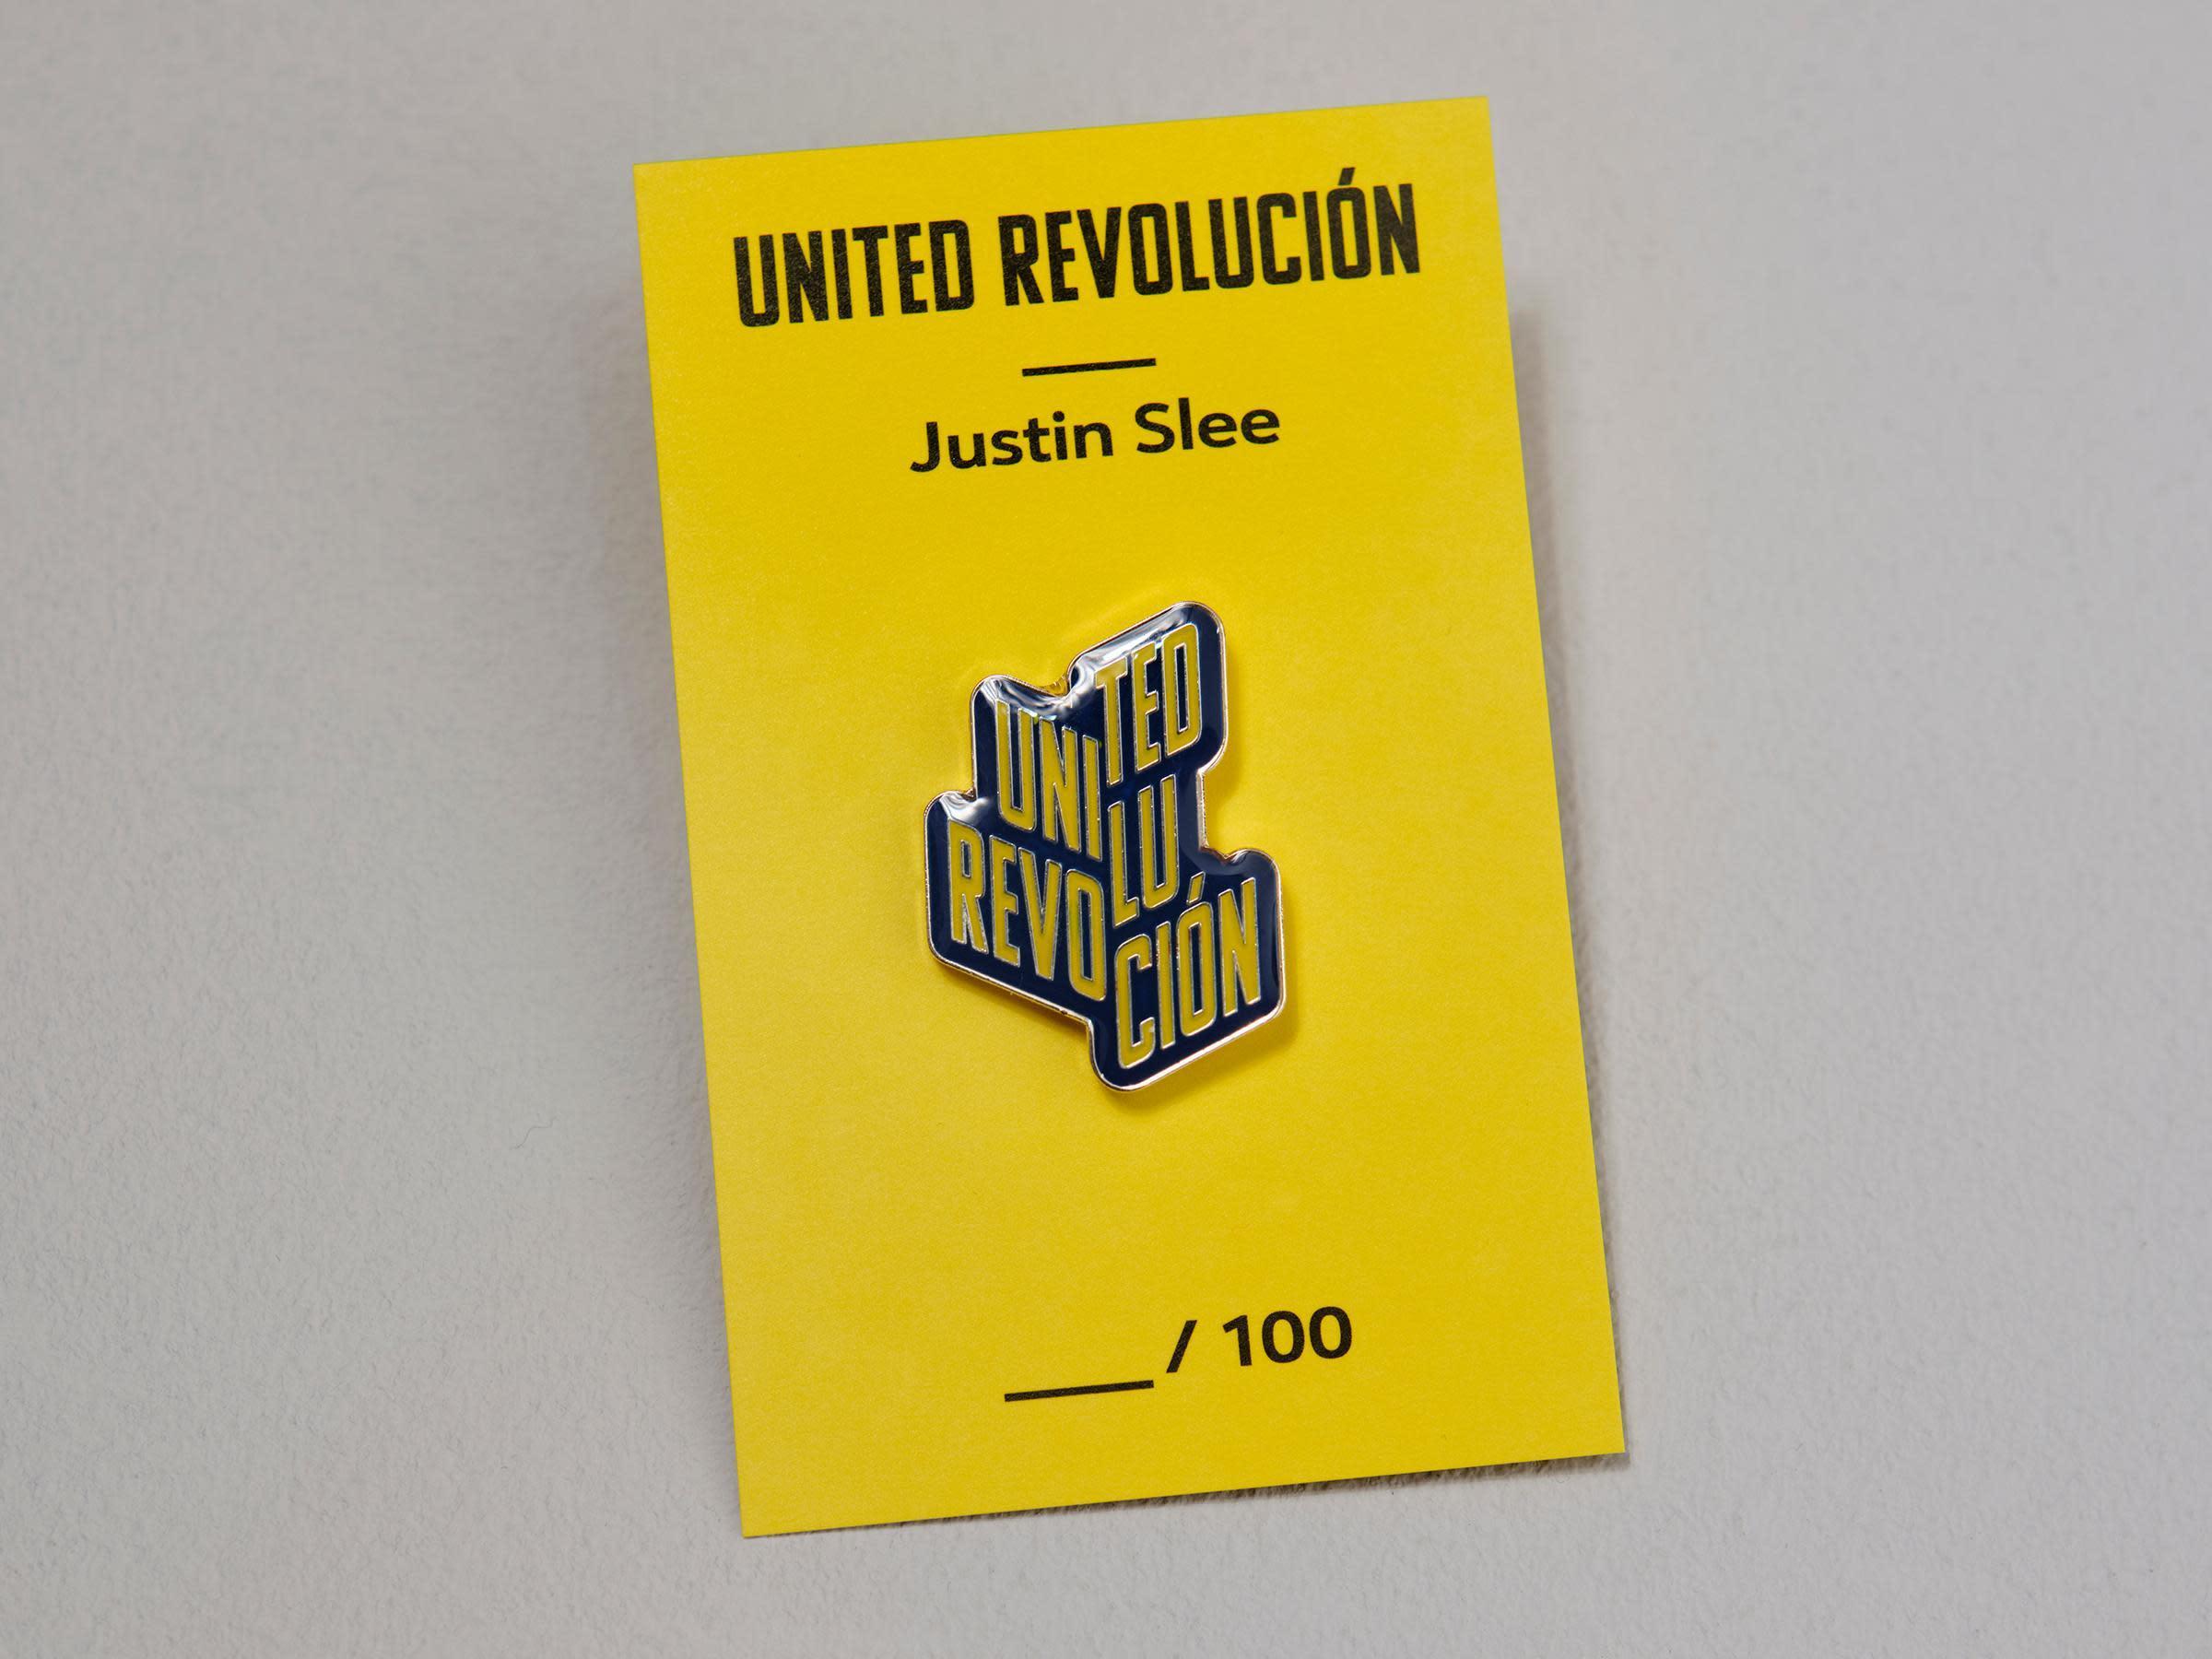 saul studio — United Revolución